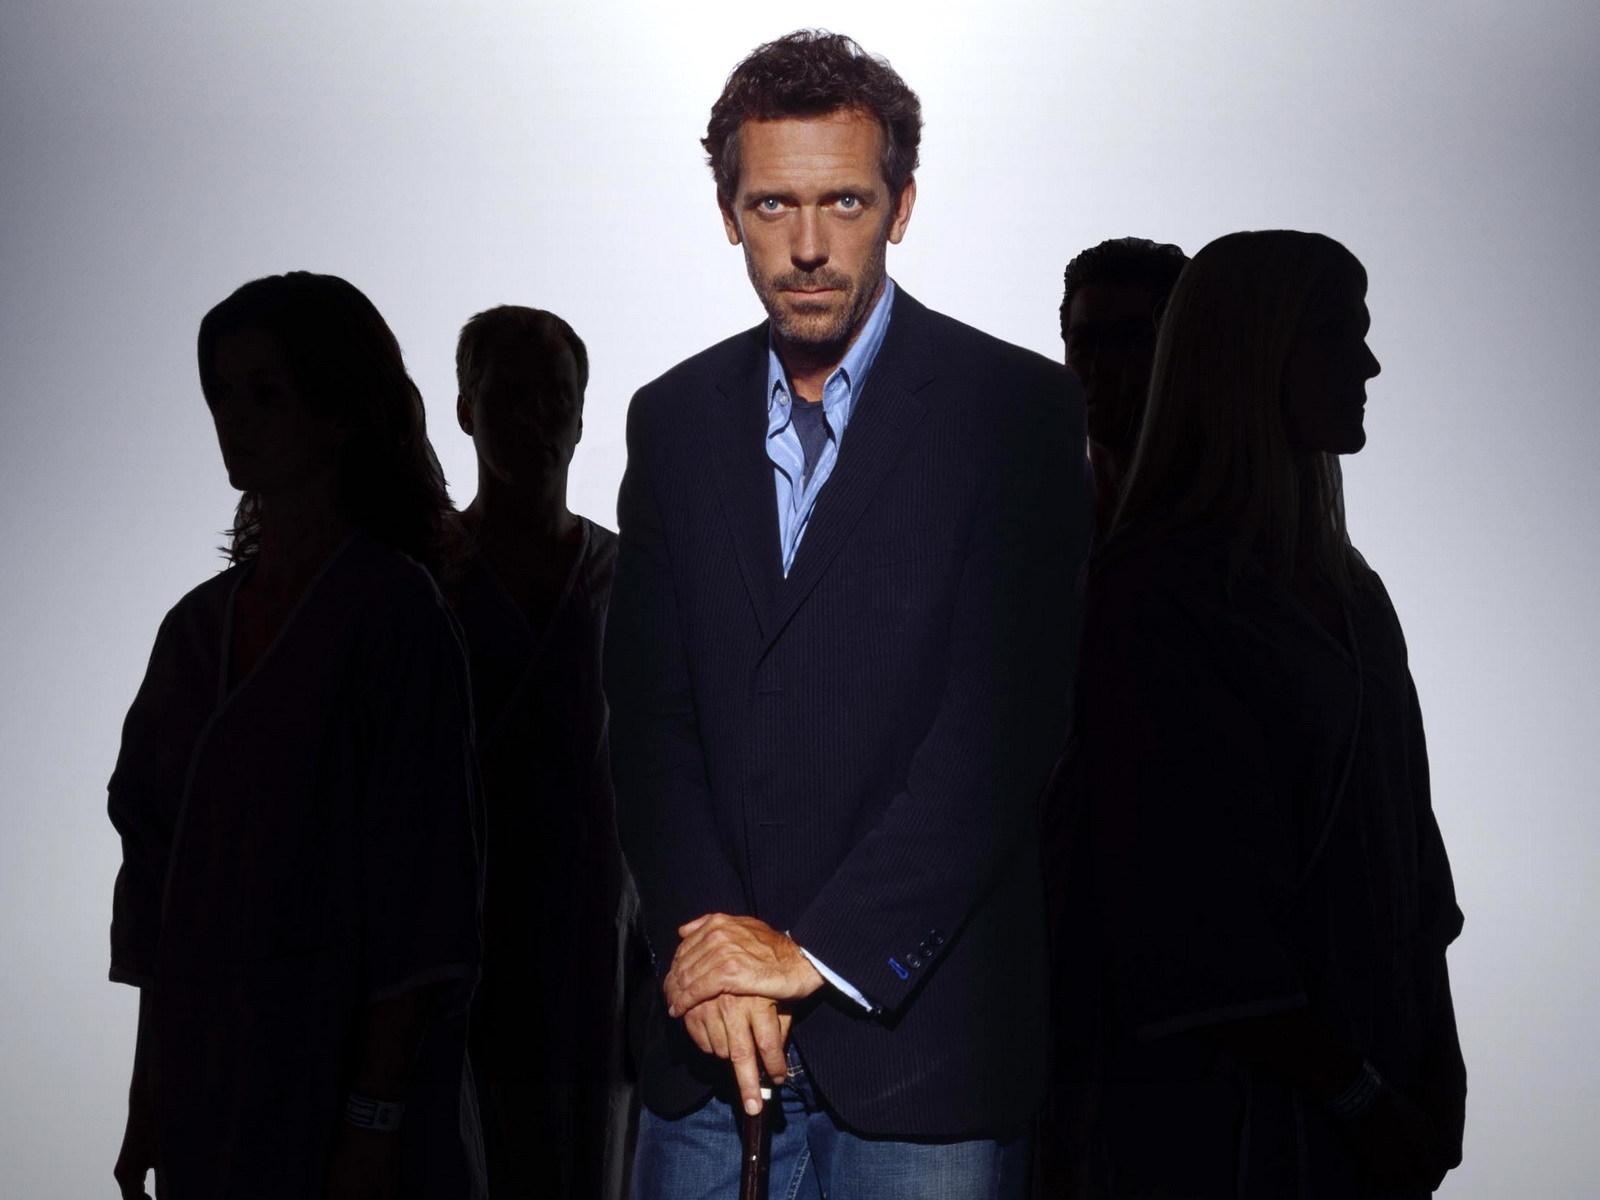 4875 скачать обои Кино, Люди, Актеры, Мужчины, Доктор Хаус (House M.d.), Хью Лори (Hugh Laurie) - заставки и картинки бесплатно